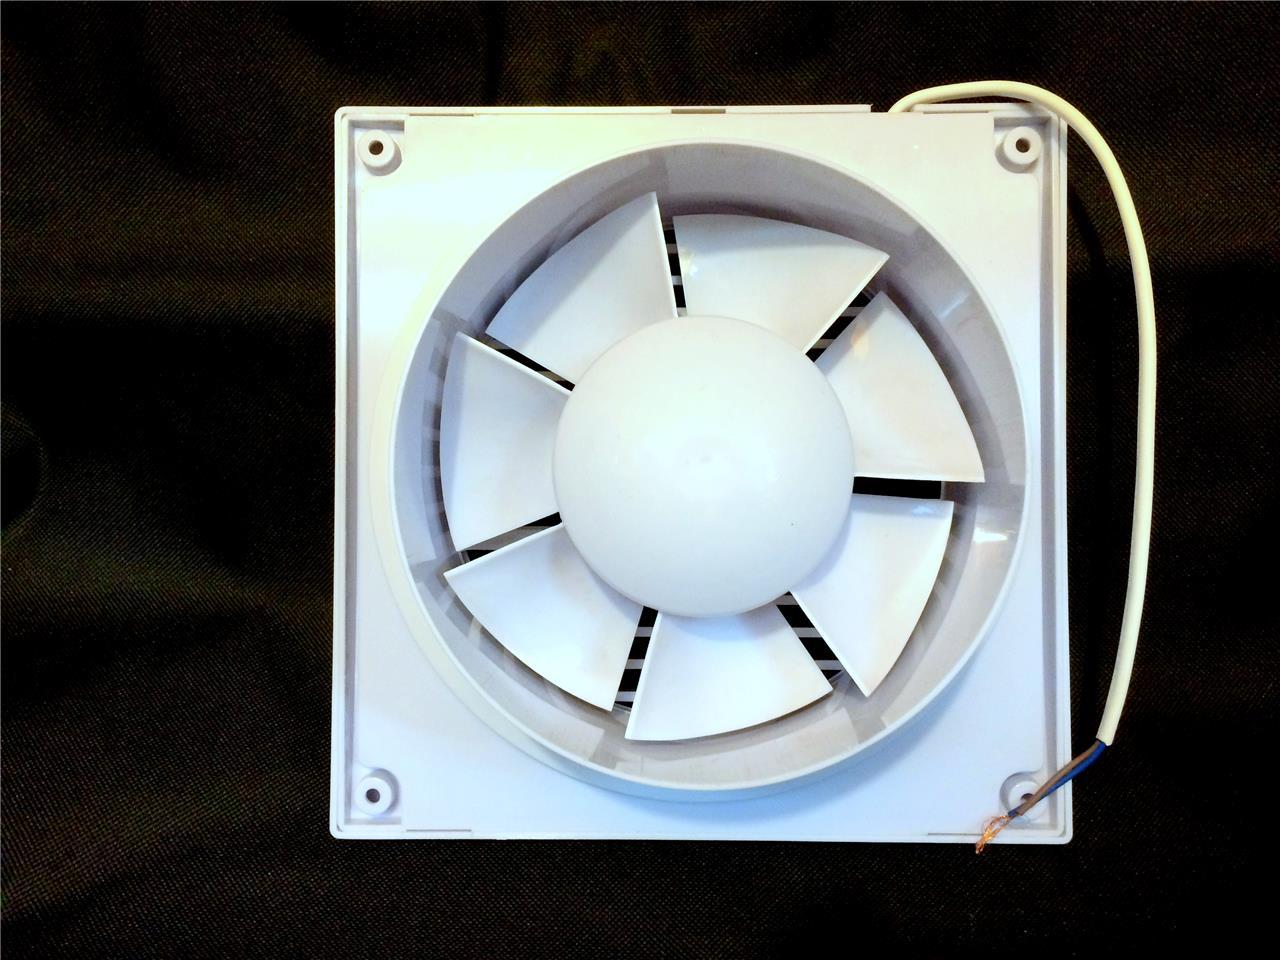 wandventilator l fter abluft ventilator k che wc bad leise 15w 100 mm 4 ebay. Black Bedroom Furniture Sets. Home Design Ideas